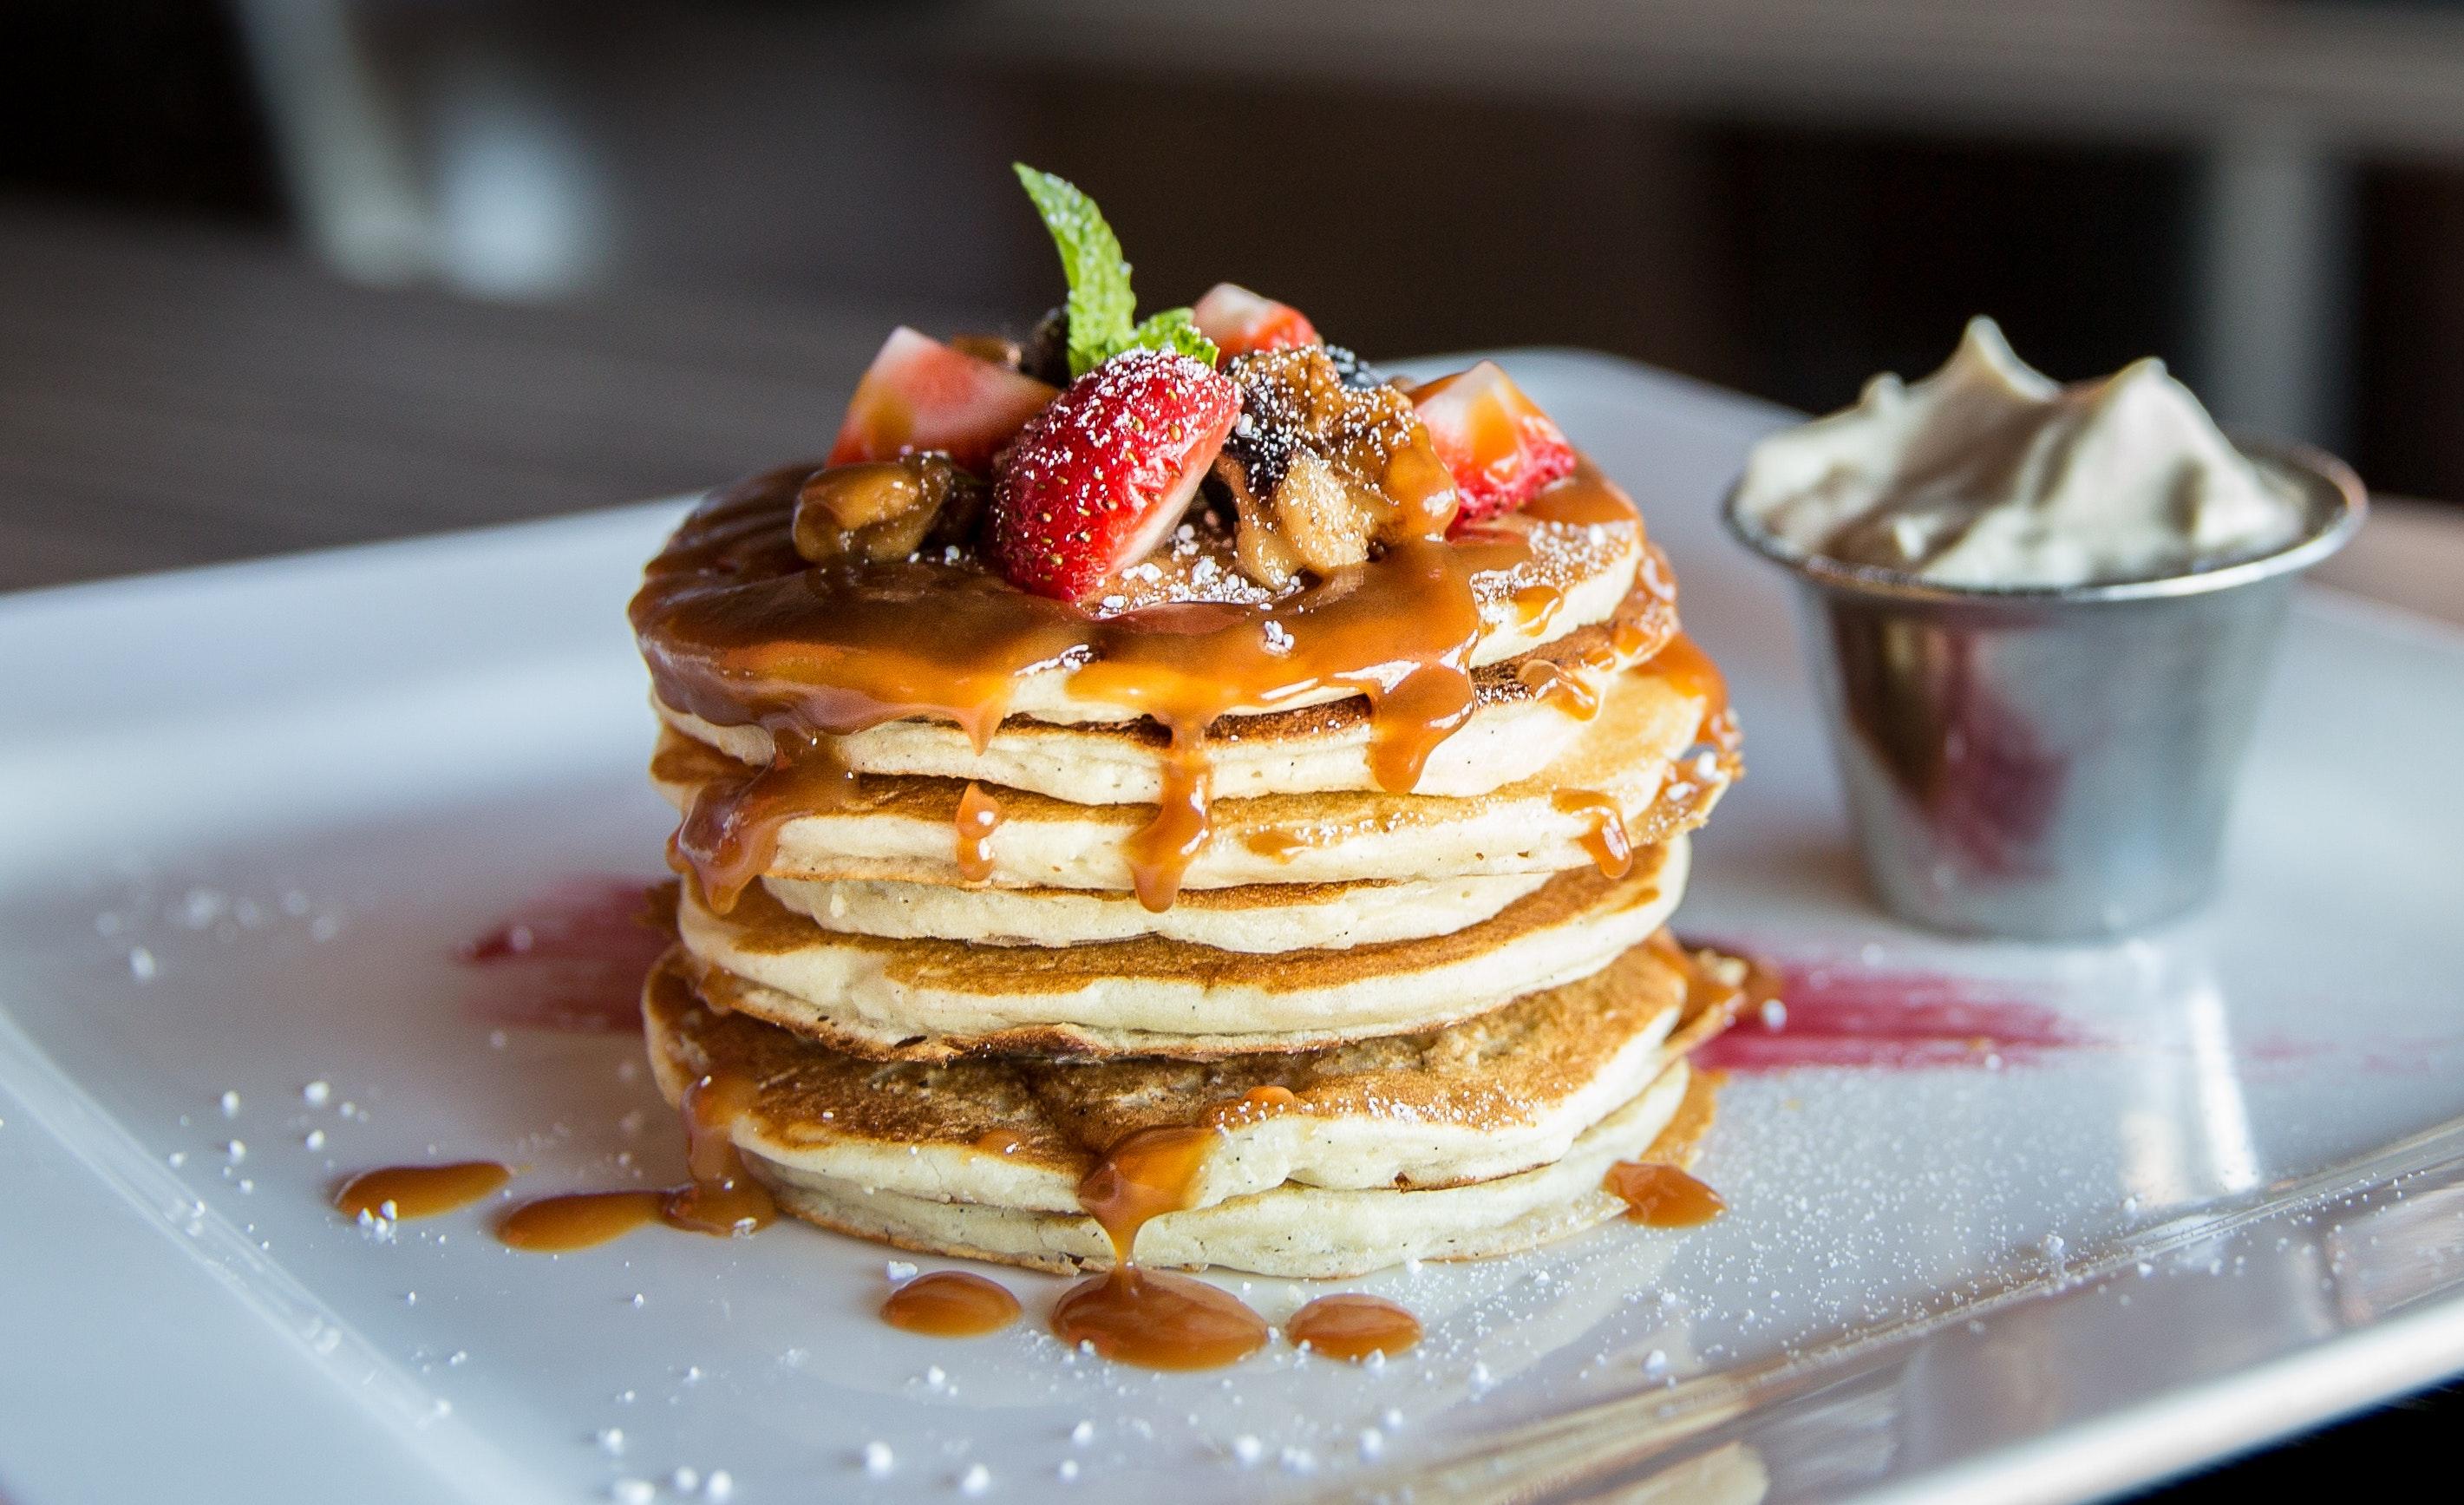 Blur breakfast close up 376464